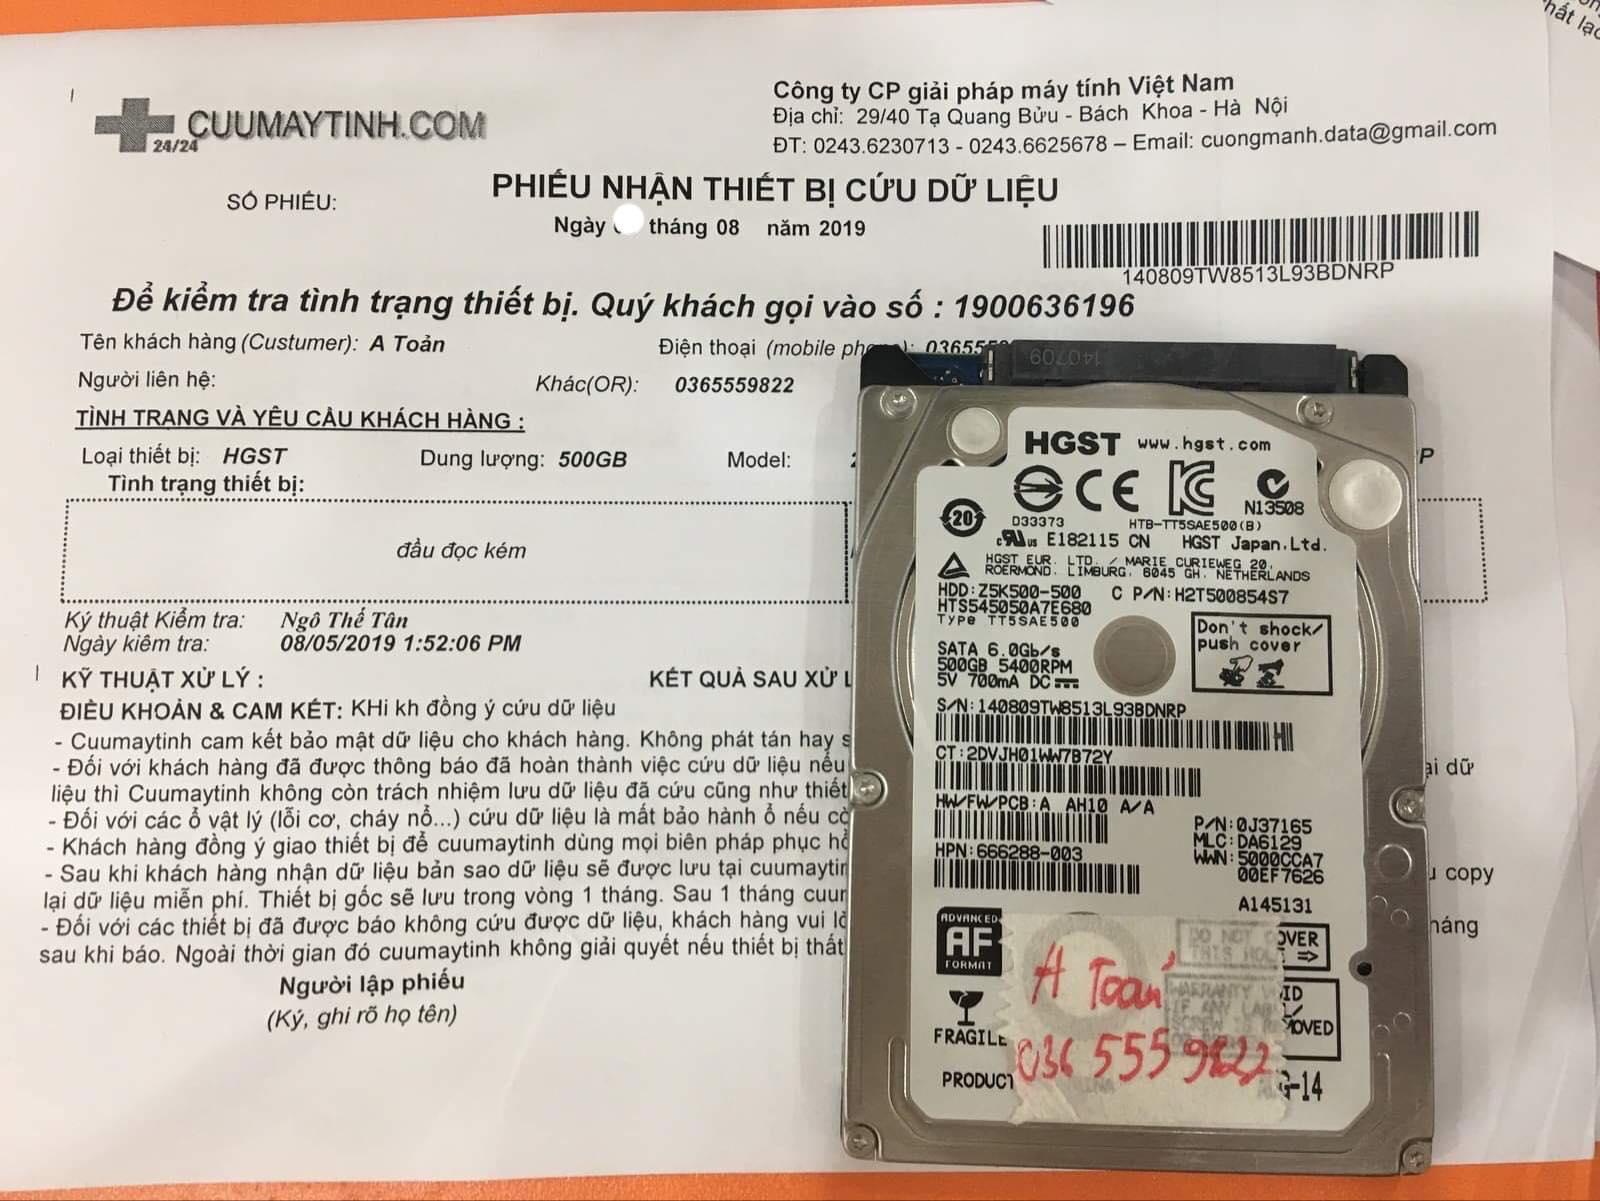 Cứu dữ liệu ổ cứng HGST 500GB đầu đọc kém 16/08/2019 - cuumaytinh